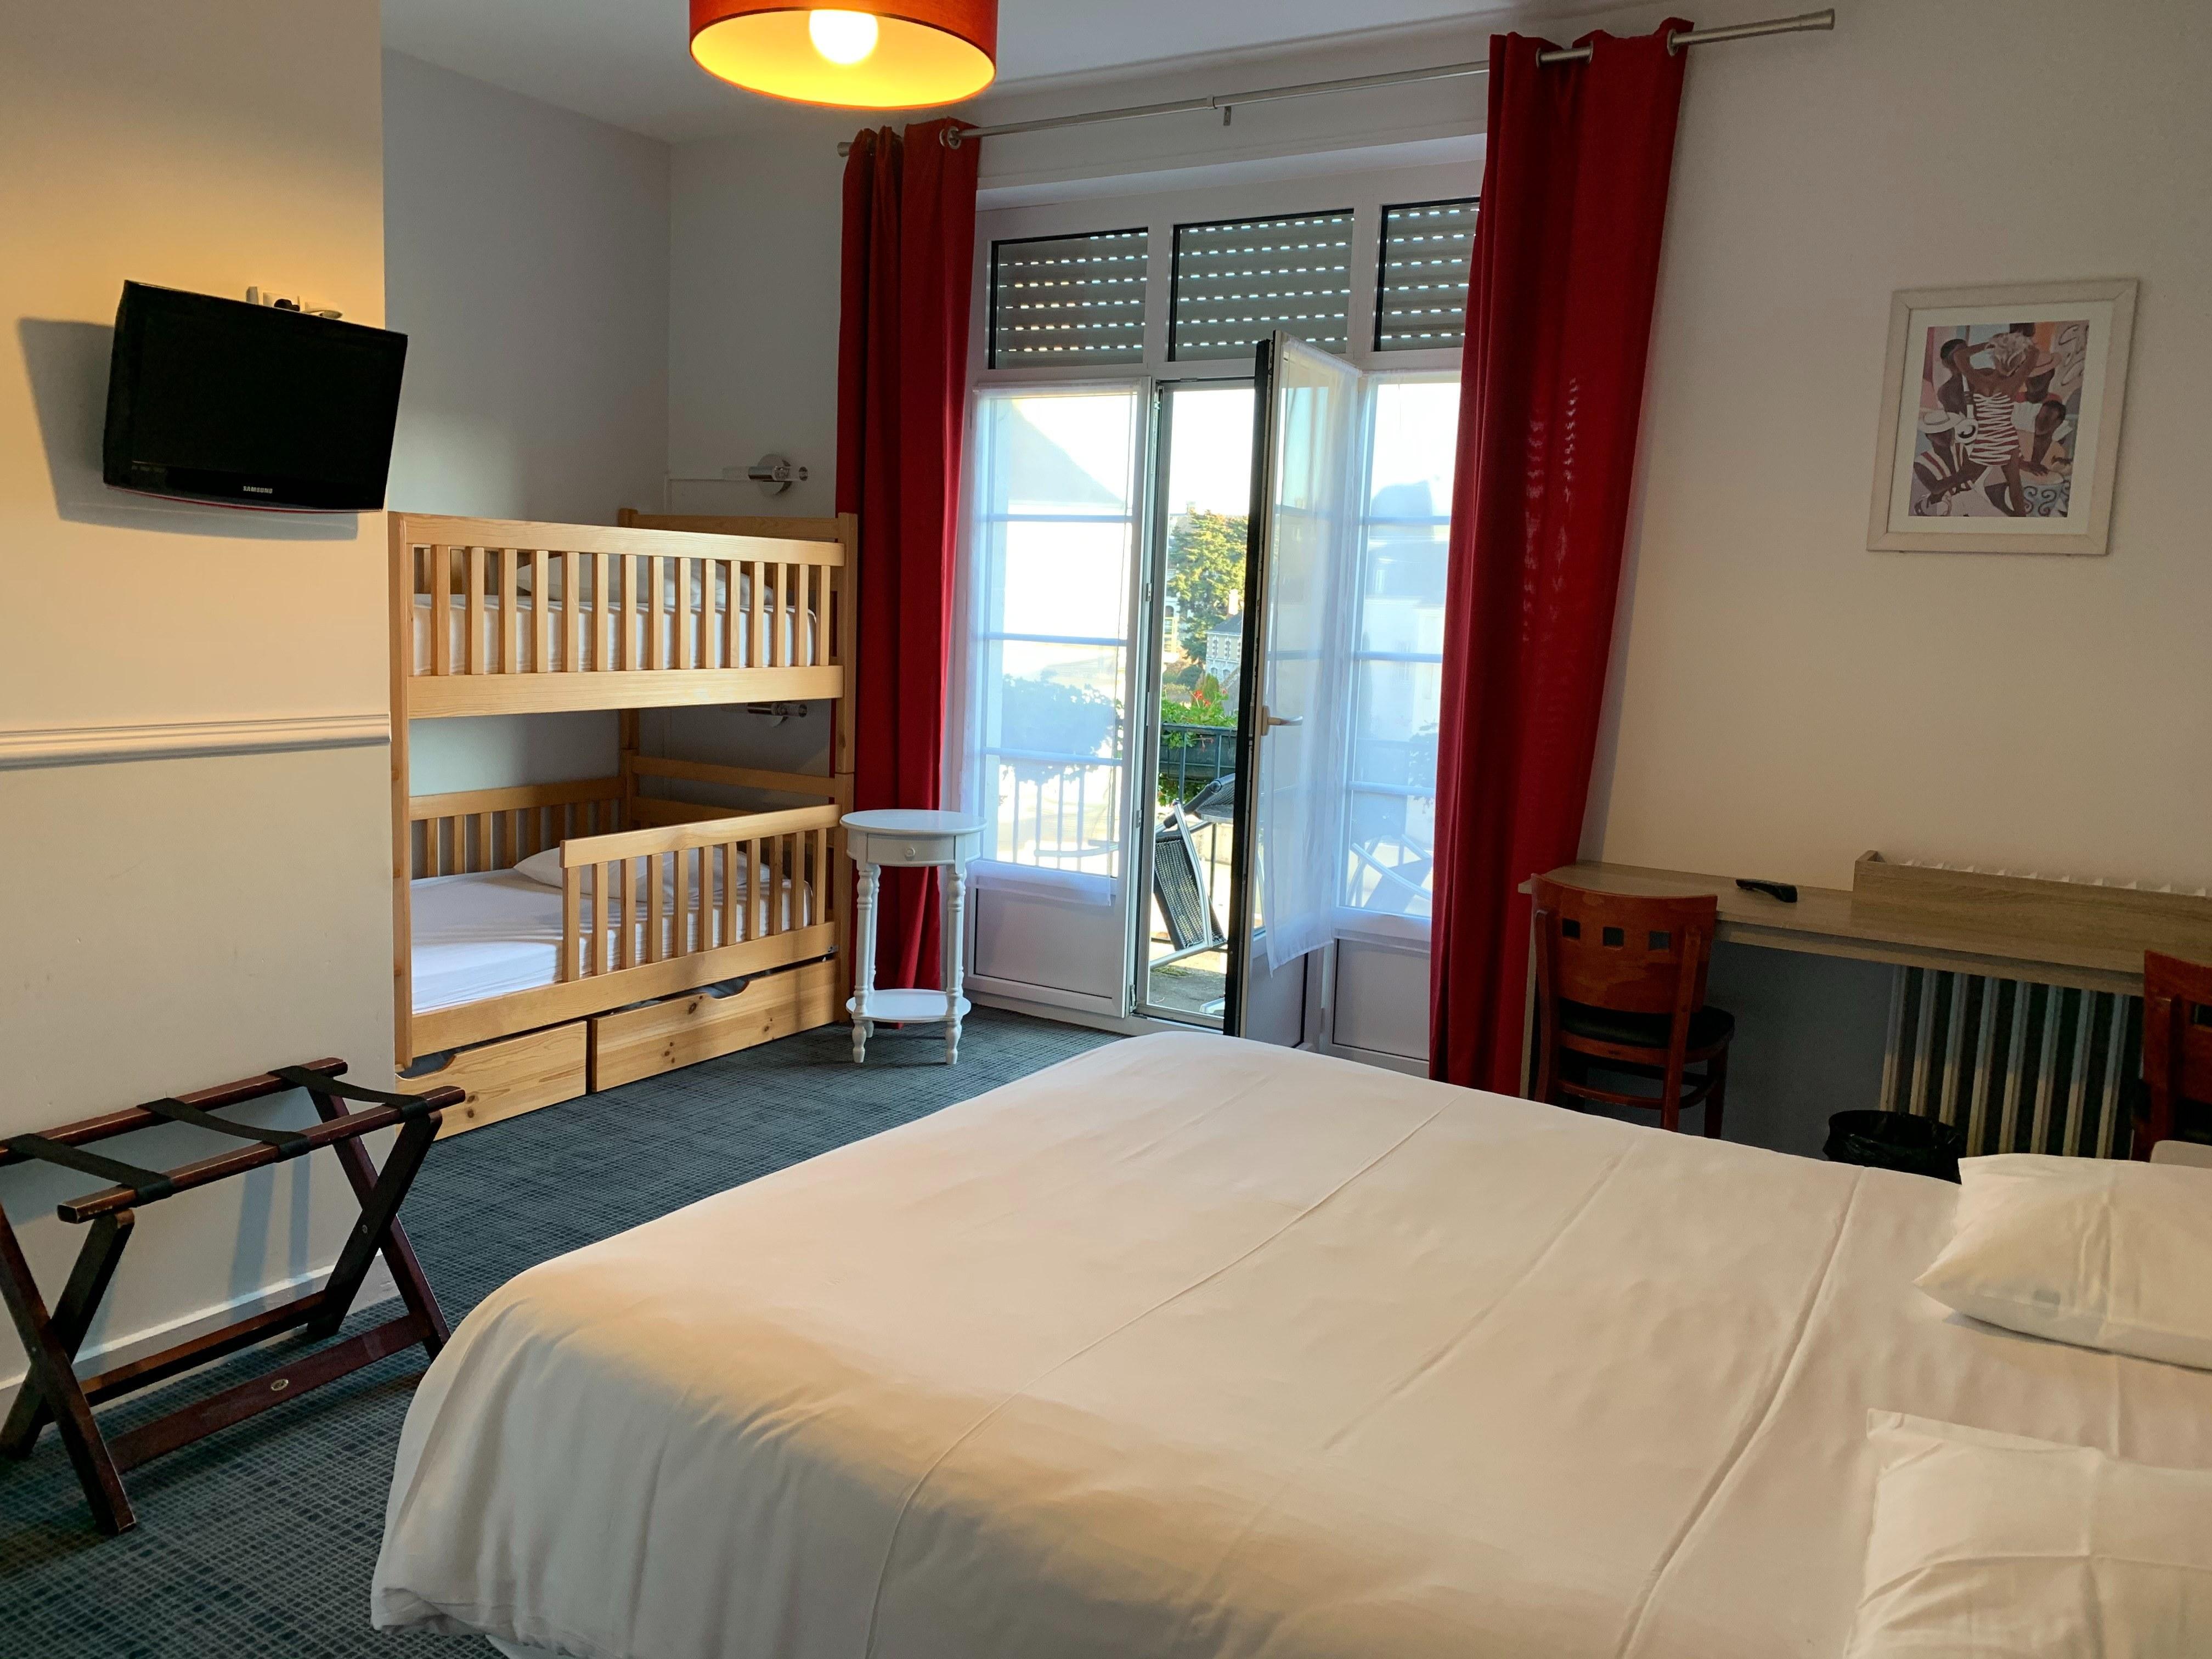 hotel-anne-de-bretagne-blois-centre-ville-chambre-triple-superieure-balcon-3-personnes-famille- lits-superposes